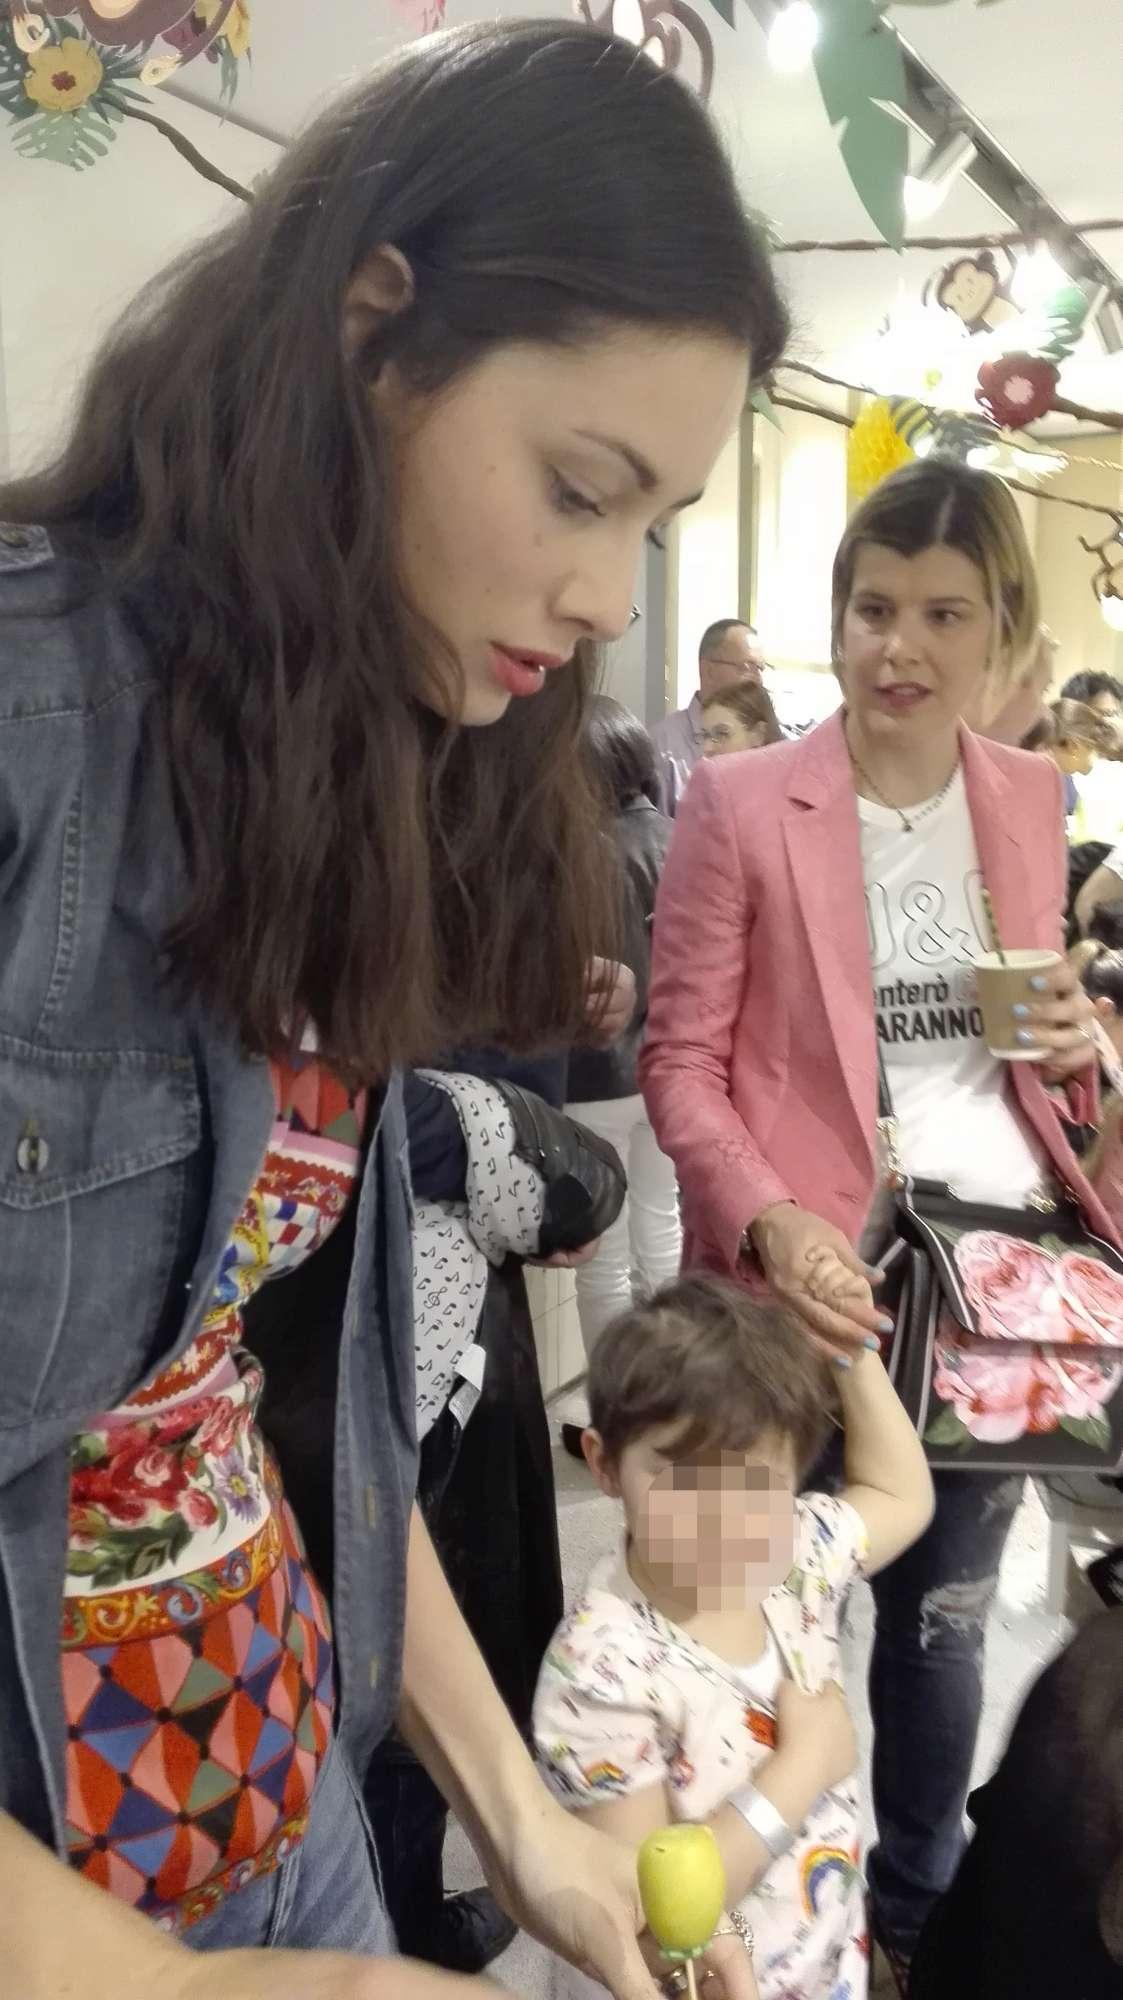 Pellegrinelli, Balivo, Fontana: party time con i figli a Milano